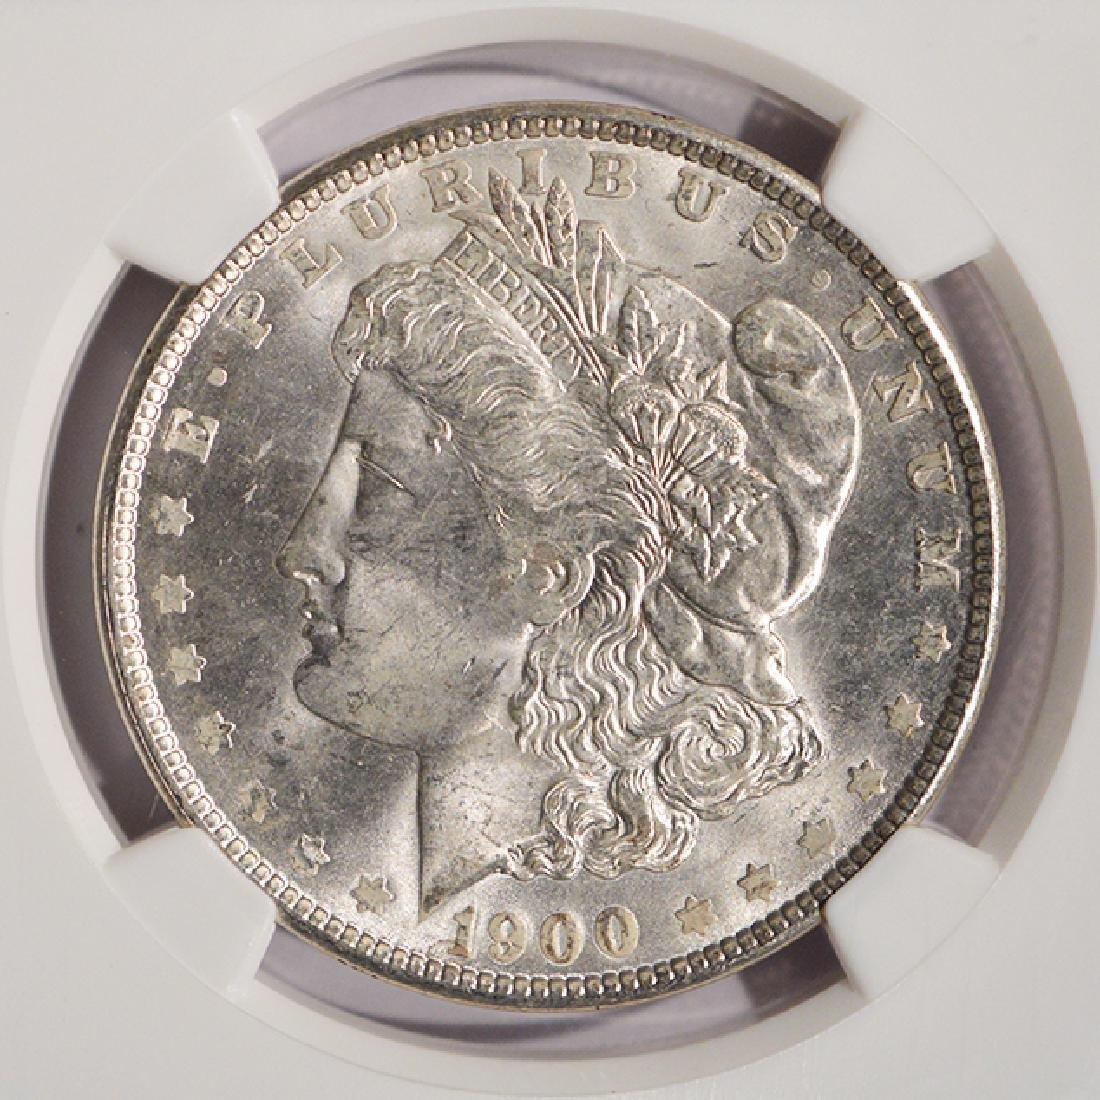 1900 $1 Morgan Silver Dollar Coin NGC MS64 - 3